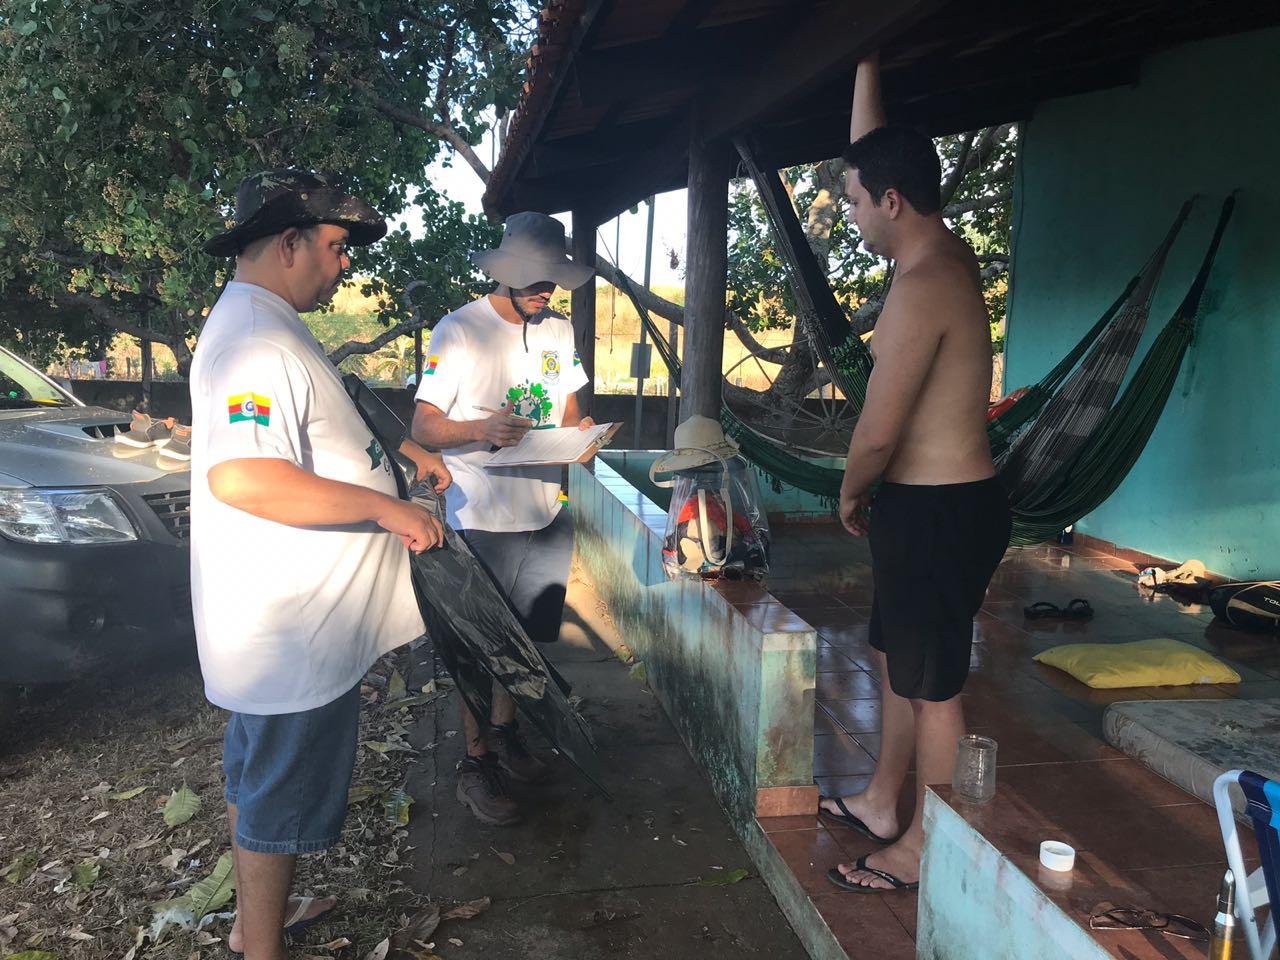 Prefeitura de Araguaína realiza fiscalização na Praia do Garimpinho